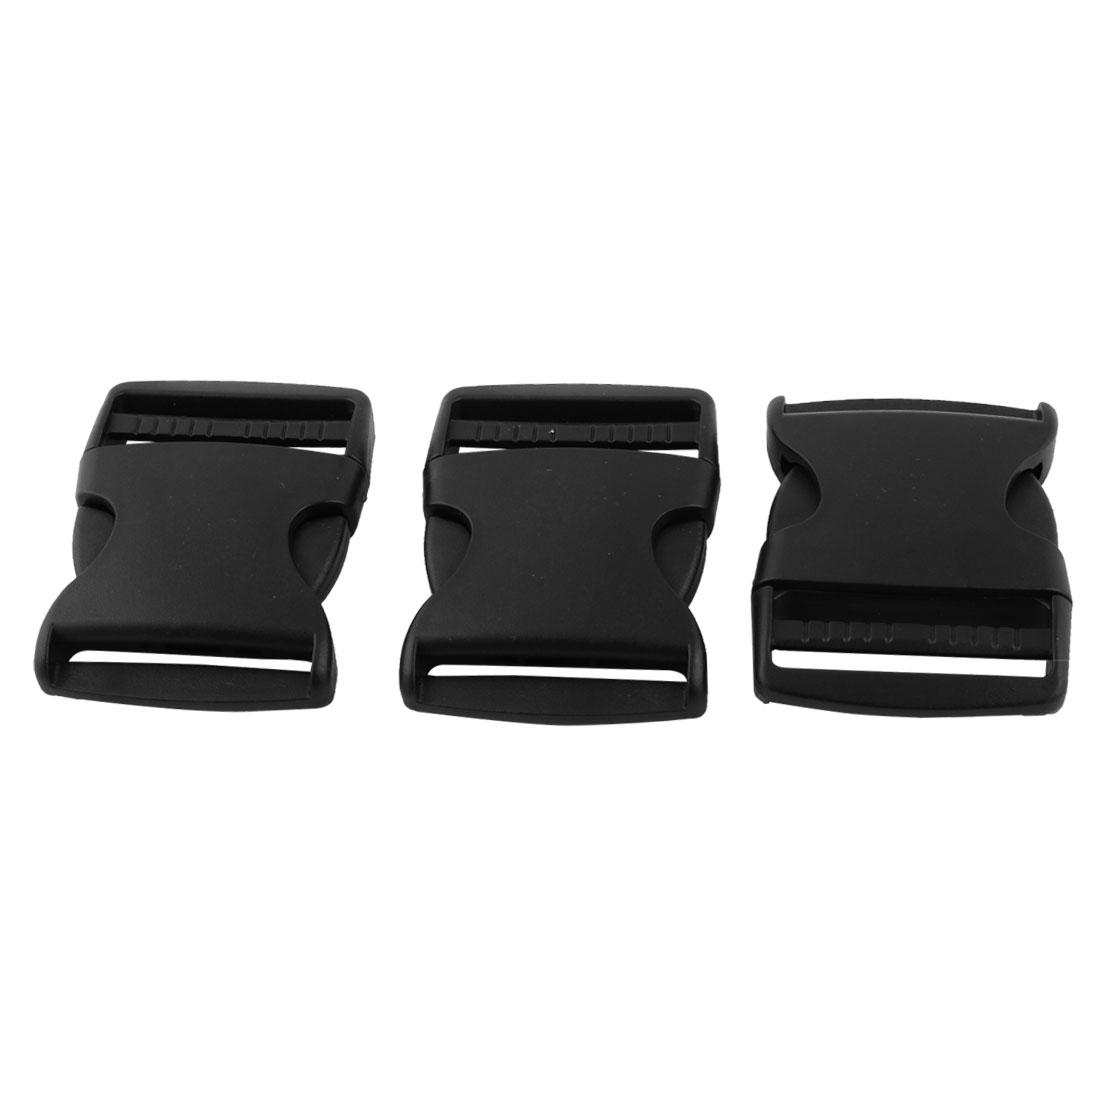 Backpack Belt Webbing Strap Band Plastic Quick Side Release Buckle Black 3pcs